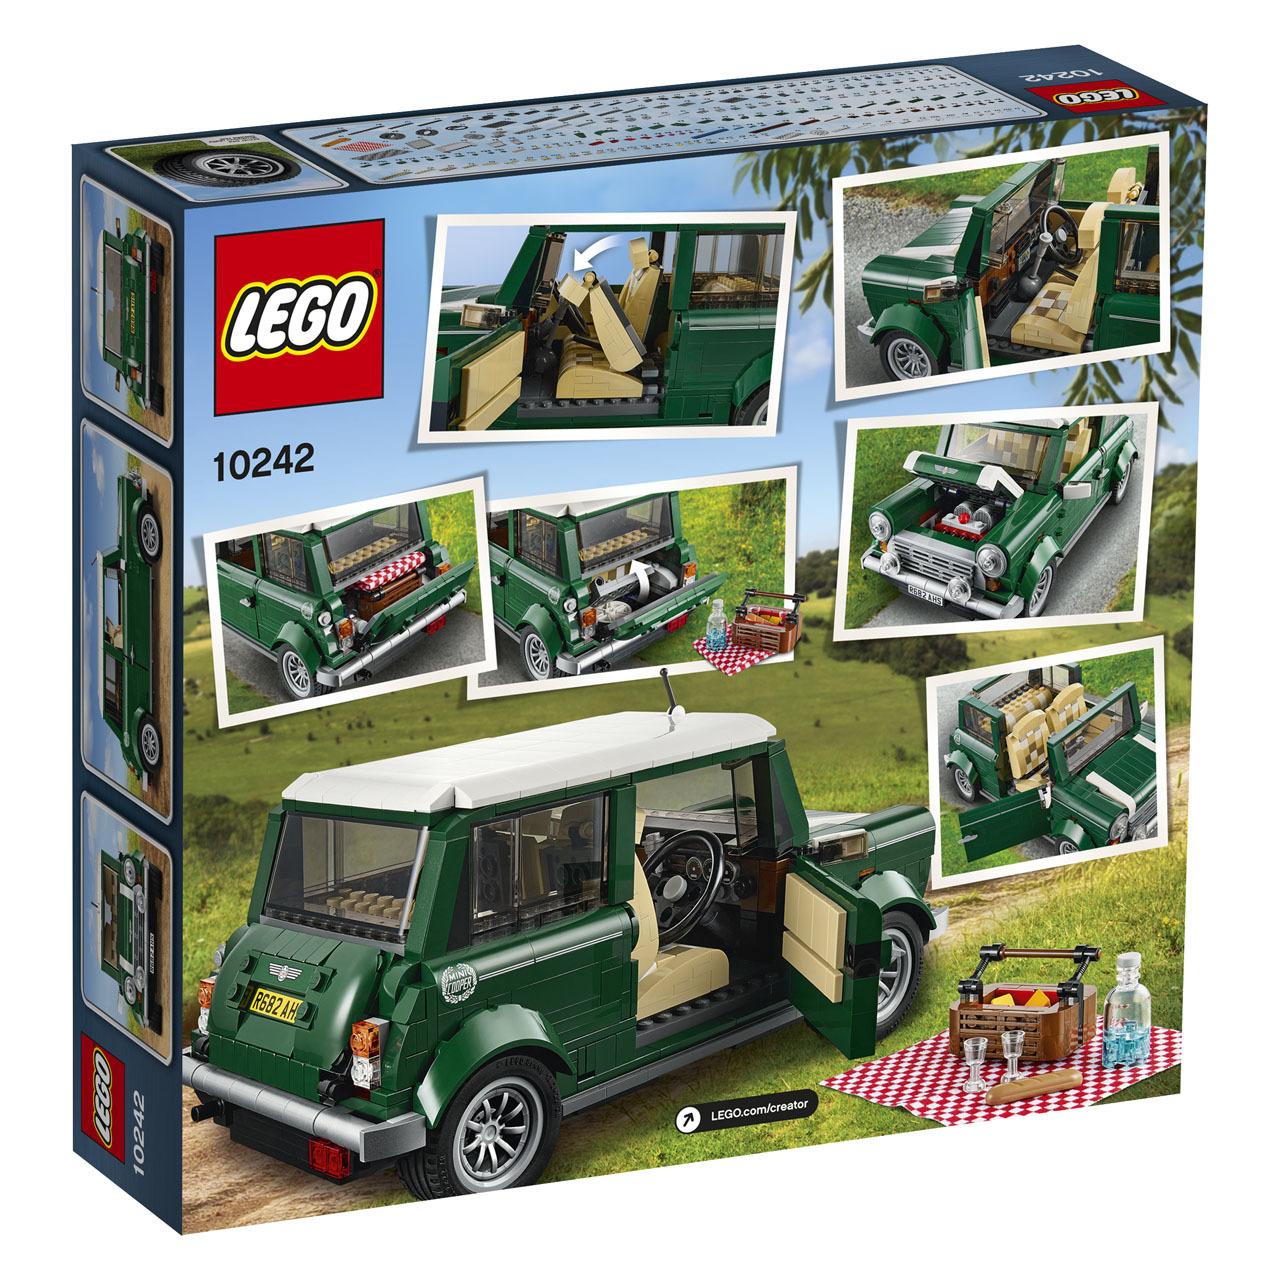 lego-mini-cooper-021-1